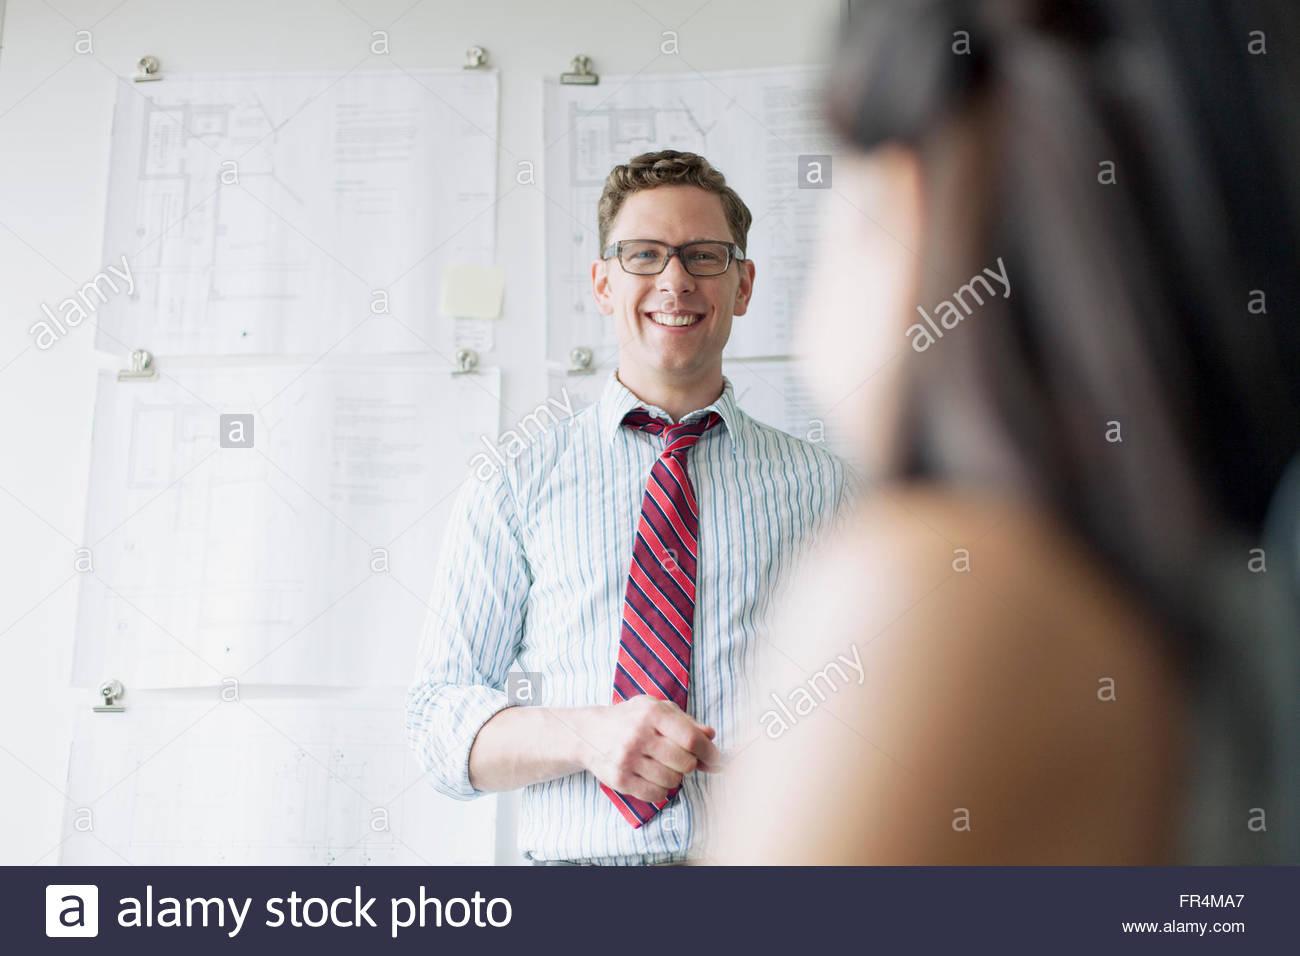 Au cours de la présentation de l'architecte smiling Photo Stock